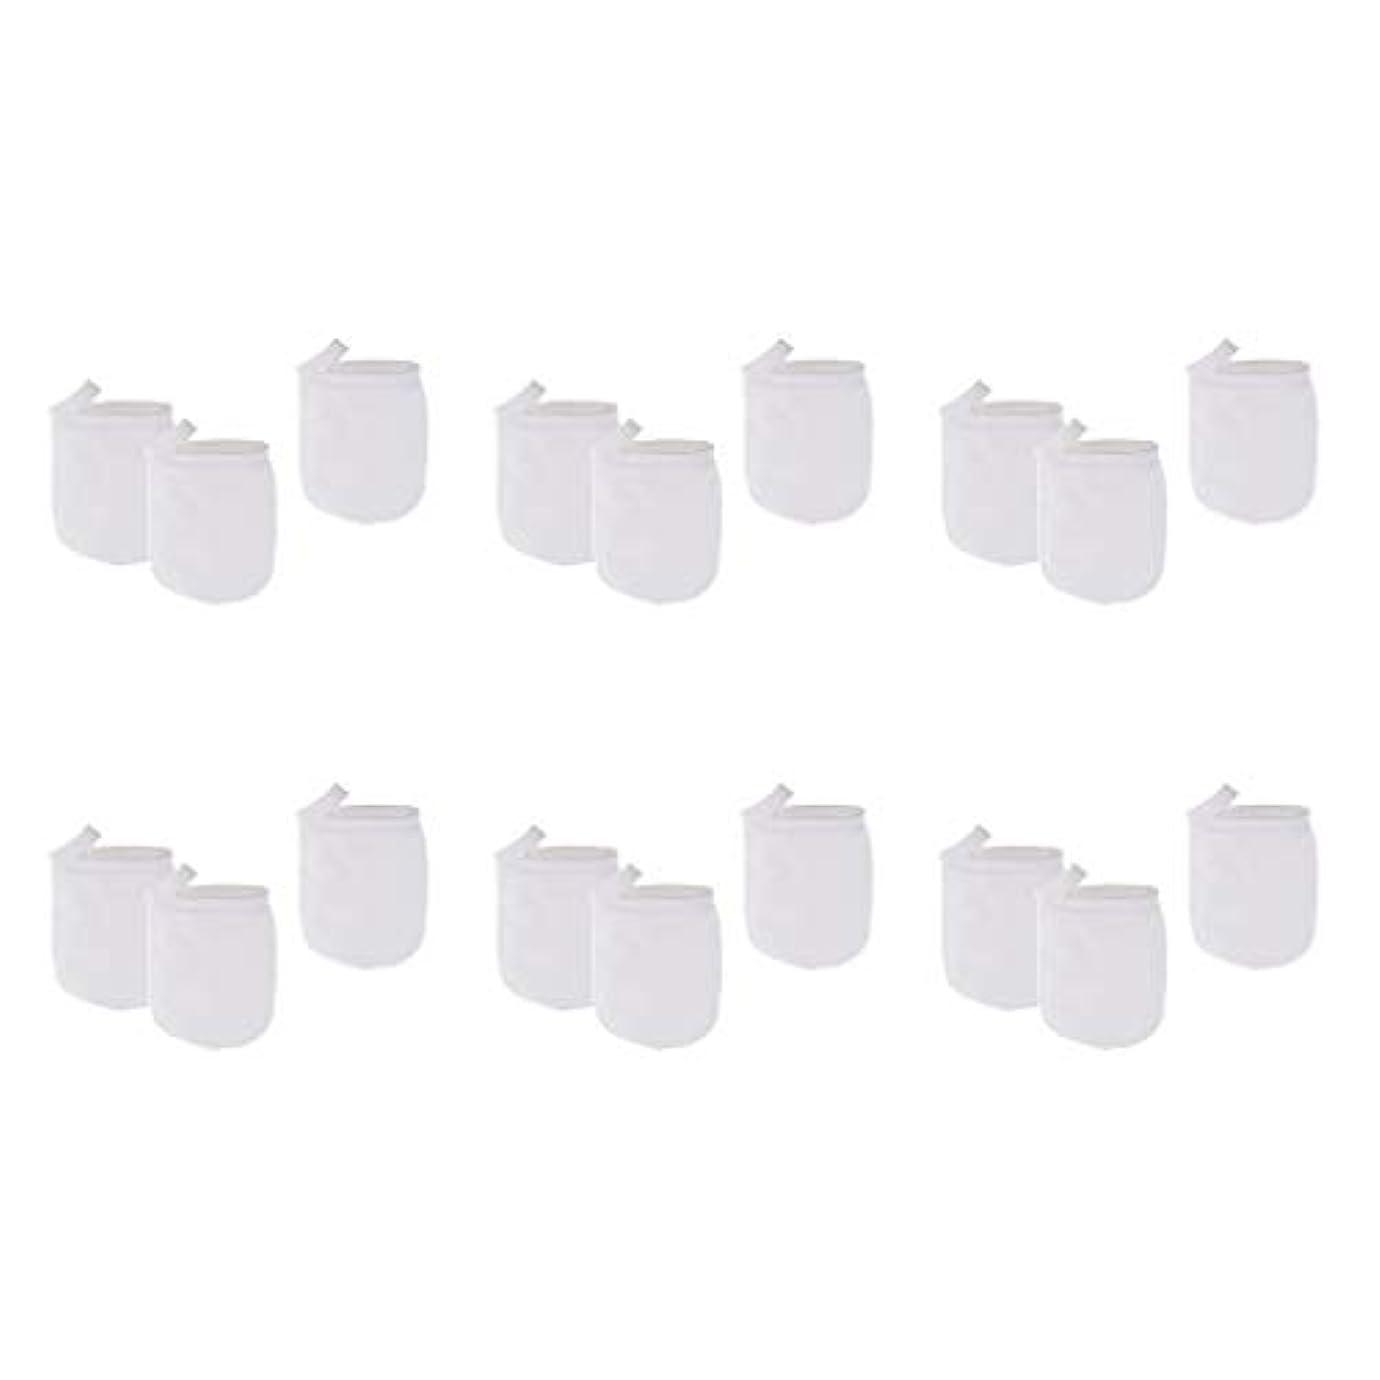 会計維持するよろめく約18個パックフェイスクレンジング手袋 リムーバー手袋 洗顔グローブ 手袋 グローブ メイク落とし